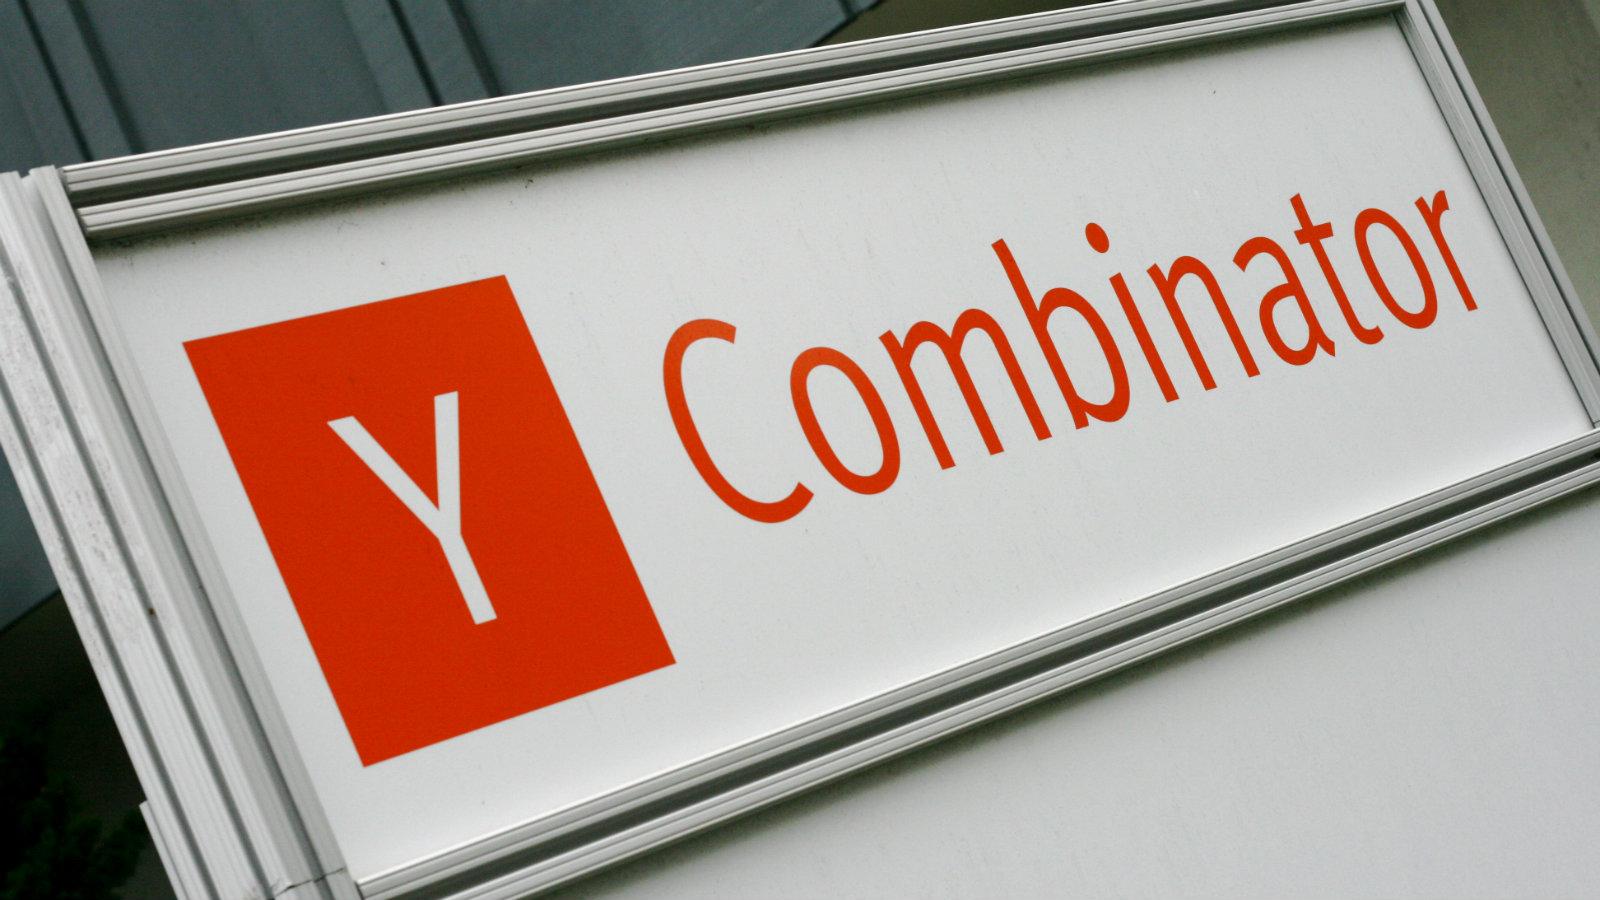 India-y-combinator